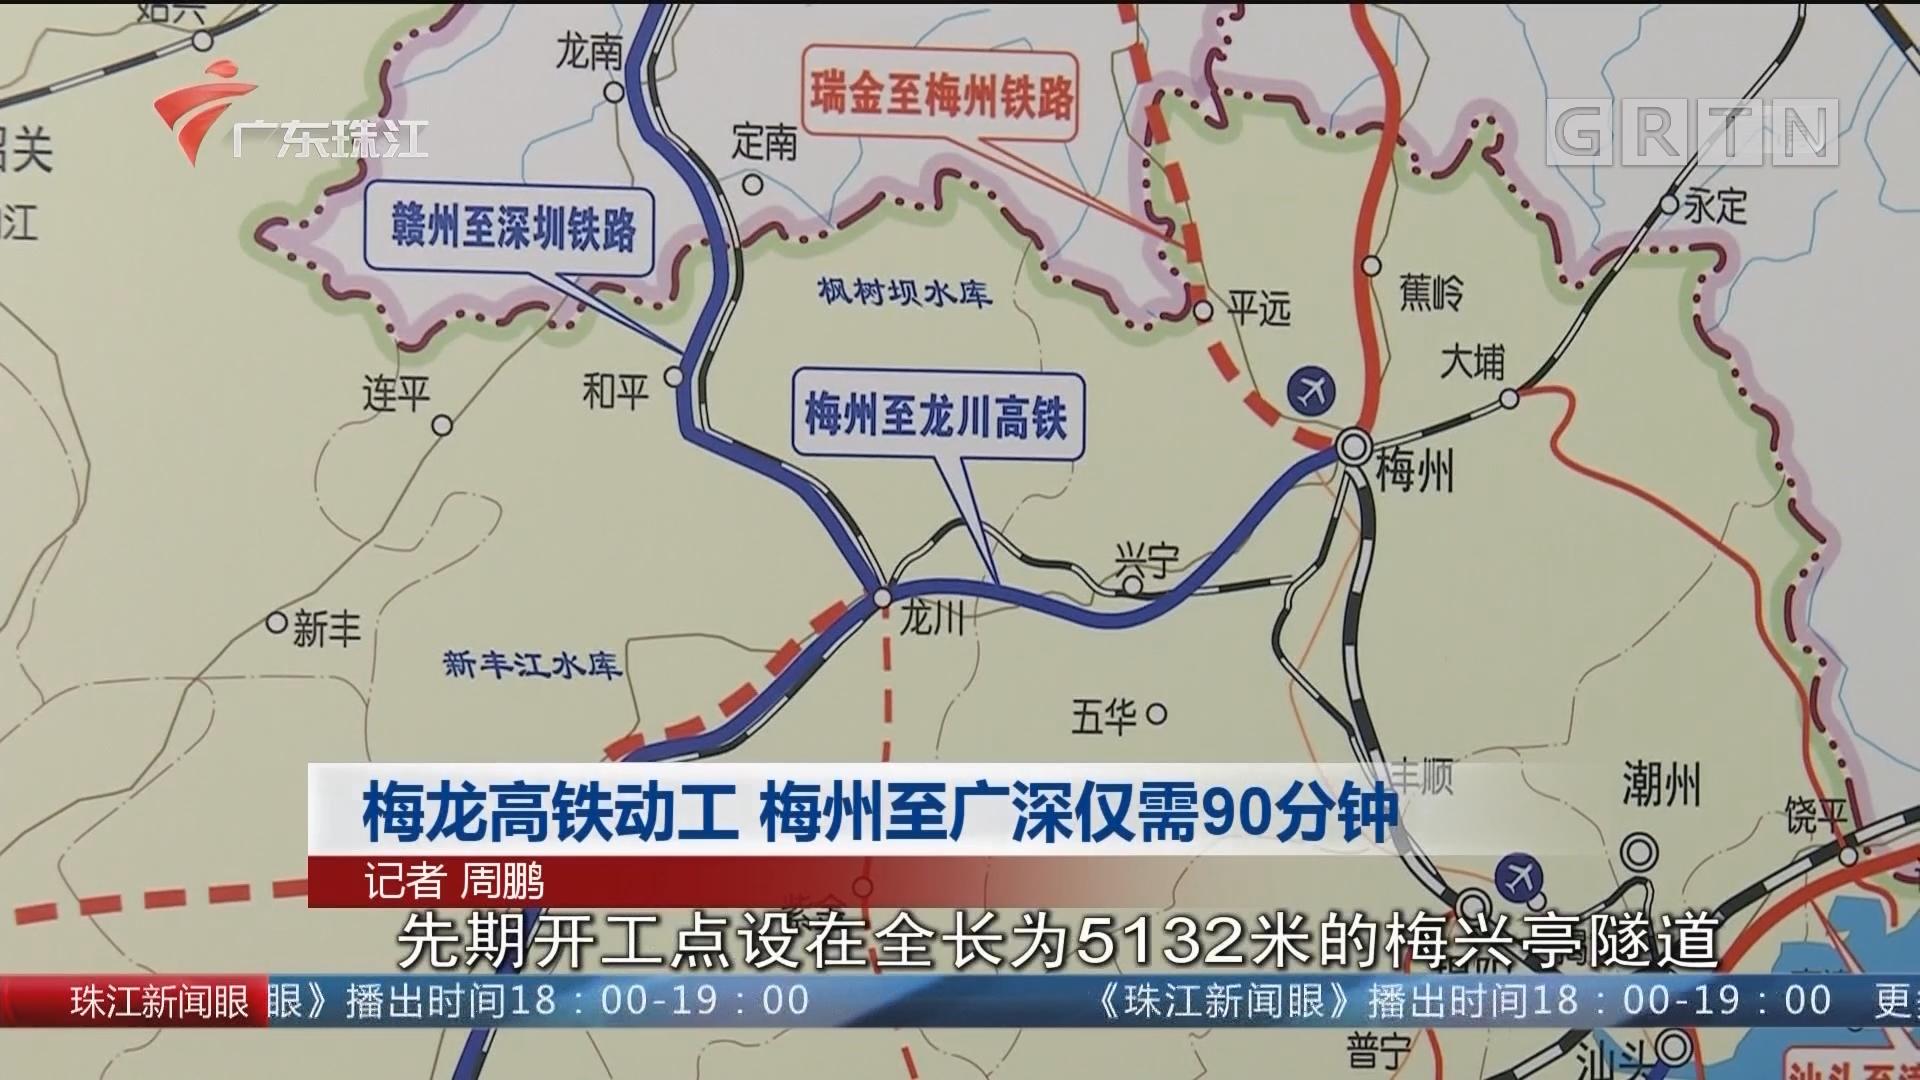 梅龙高铁动工 梅州至广深仅需90分钟